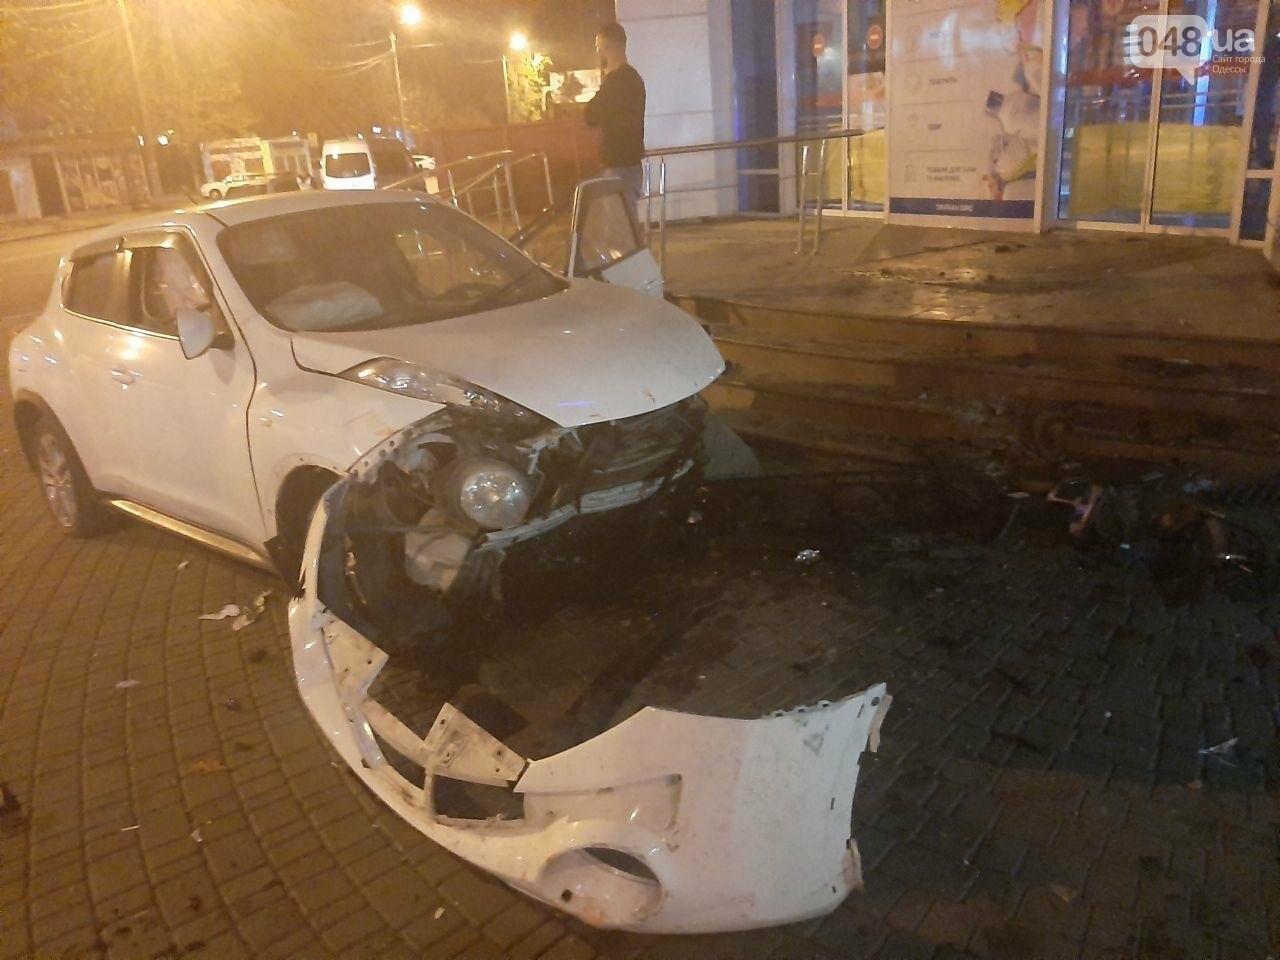 В Одессе автоледи протаранила супермаркет, - ФОТО2